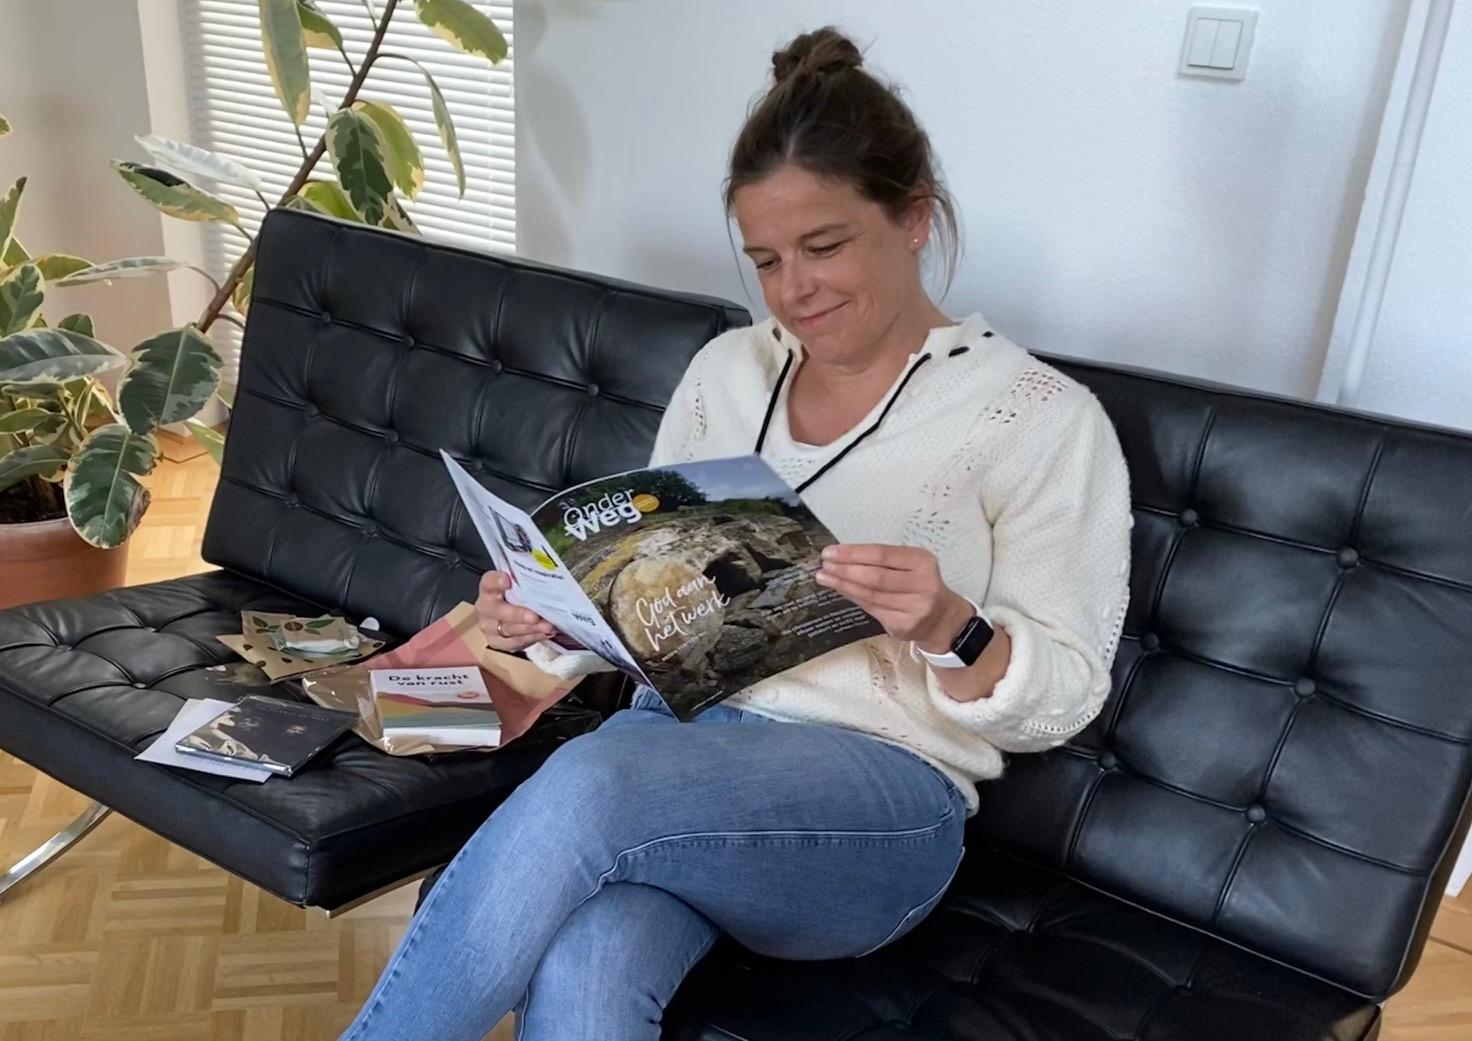 Klus zit erop: weg als hoofdredacteur van magazine OnderWeg